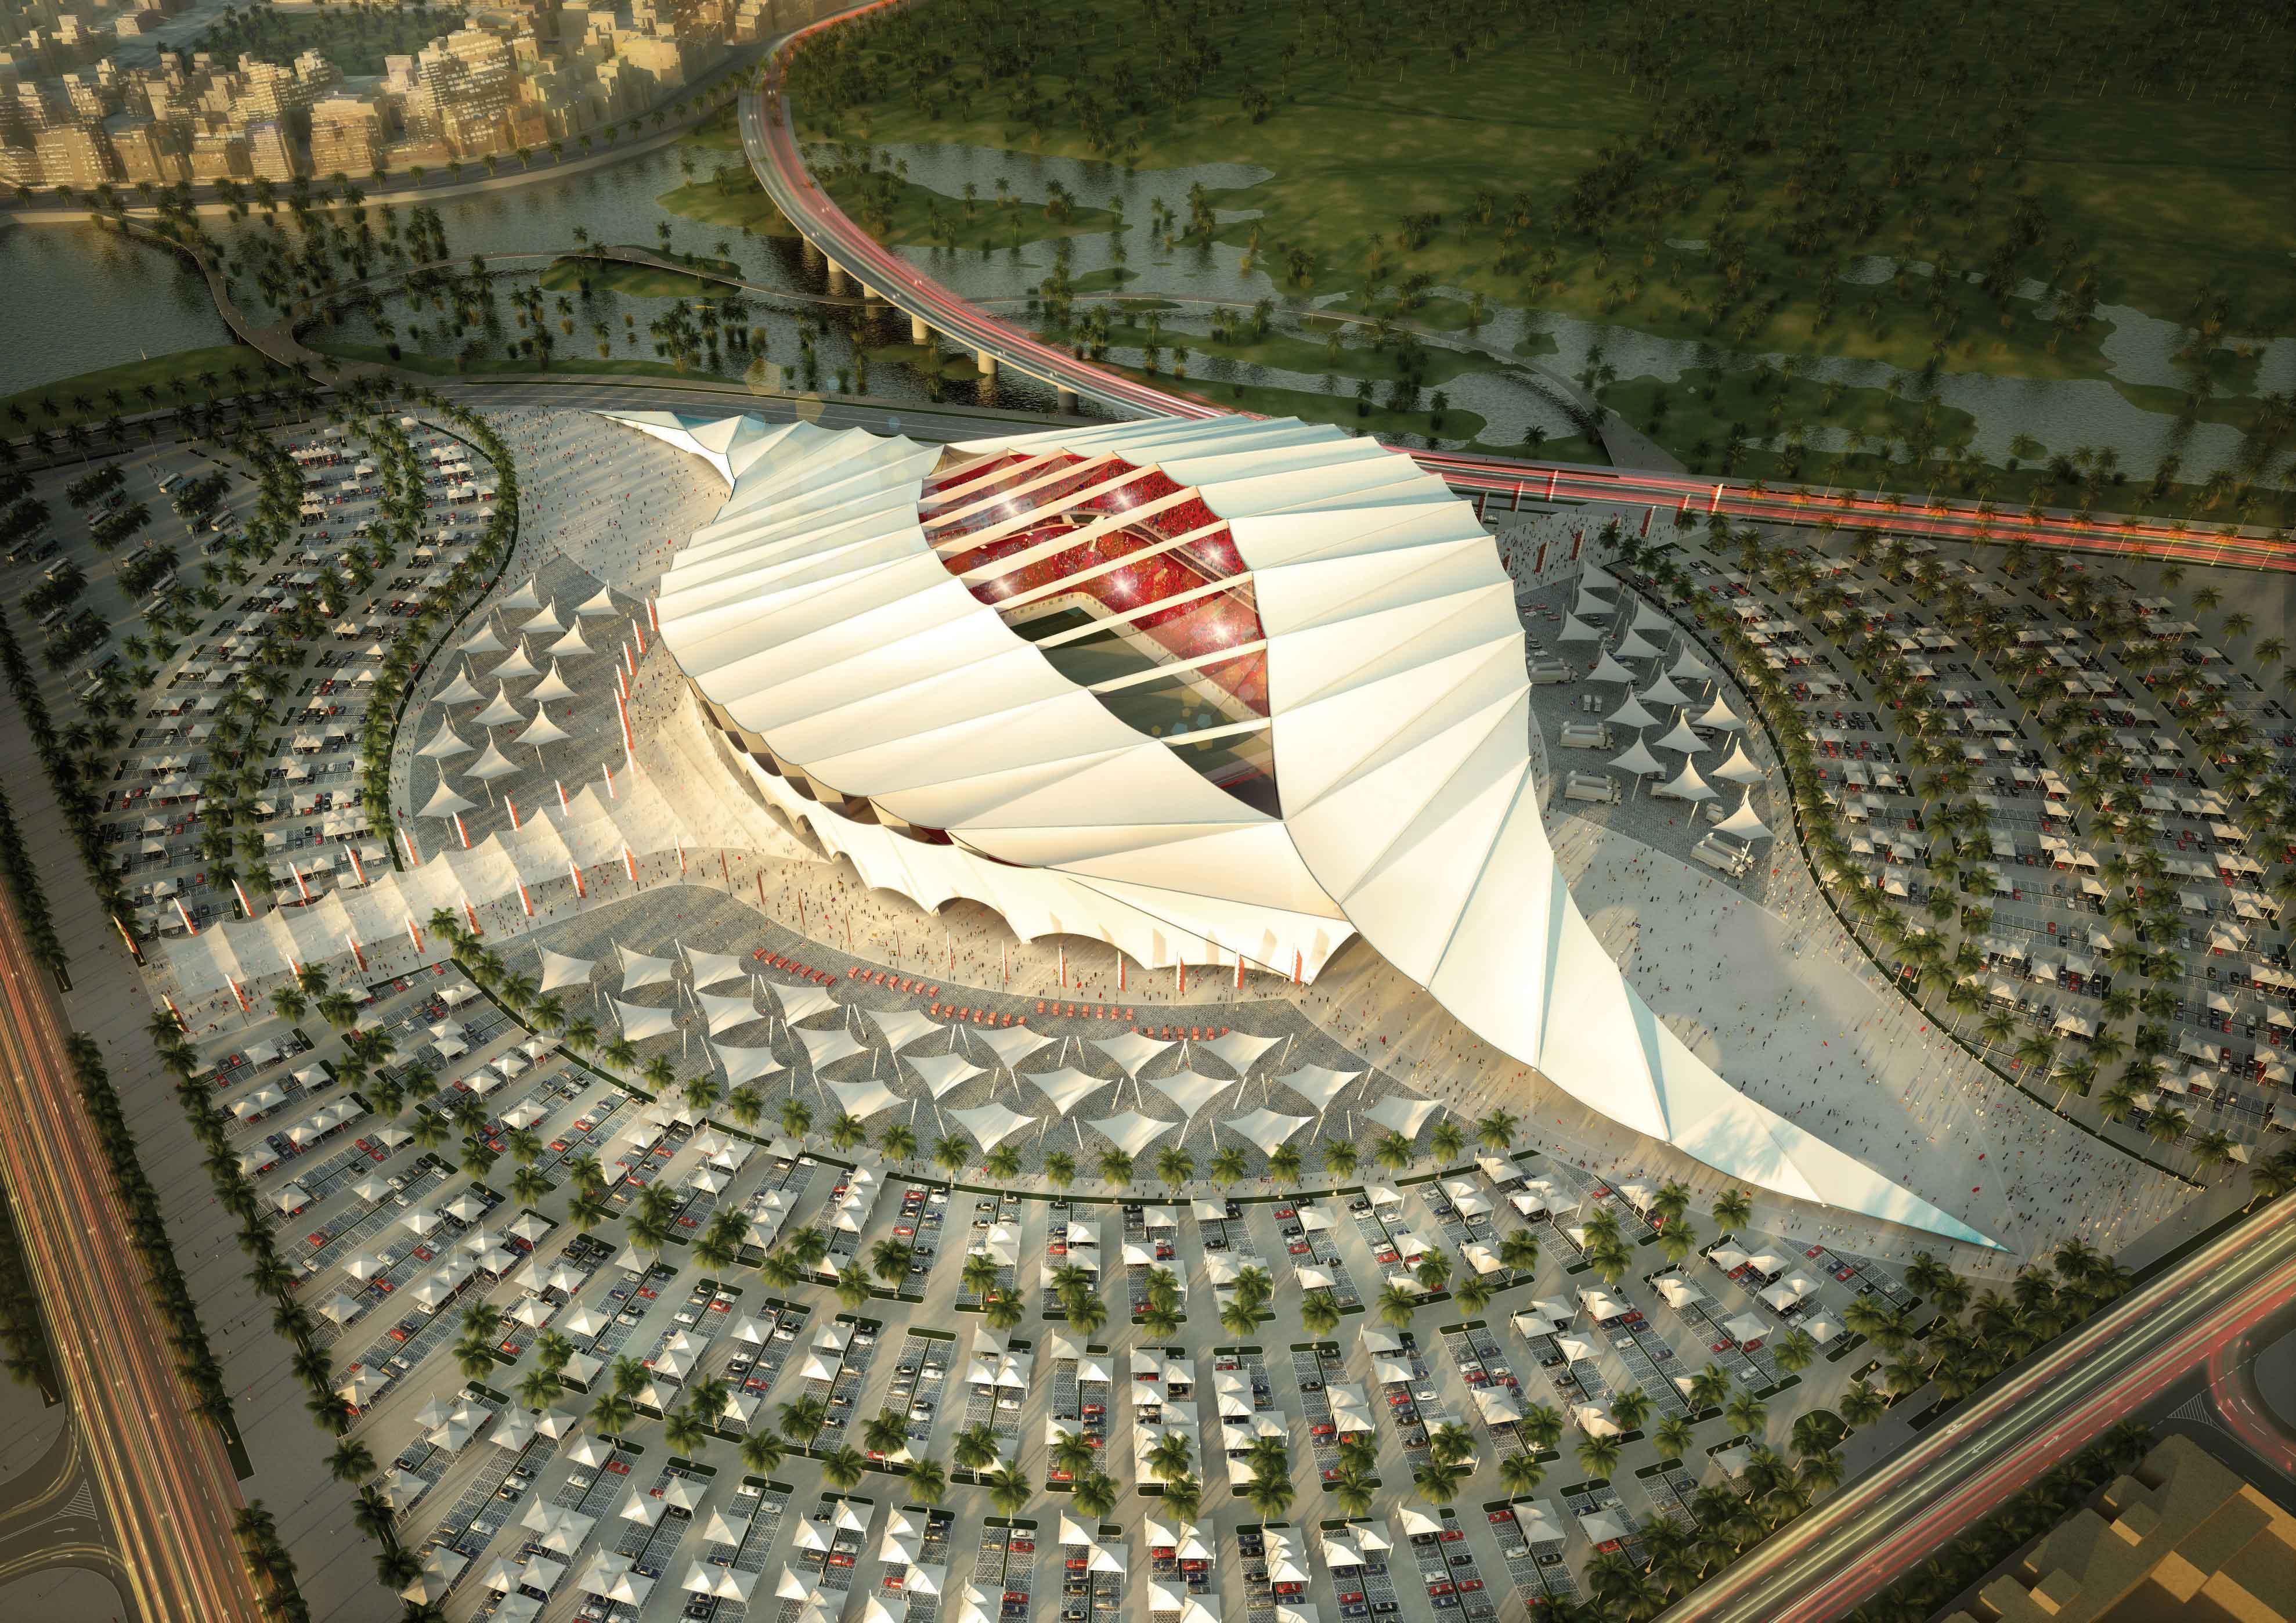 Das Al-Khor Stadion erinnert an die Zelte der katarischen Nomaden und bietet 60.000 Besuchern Platz.